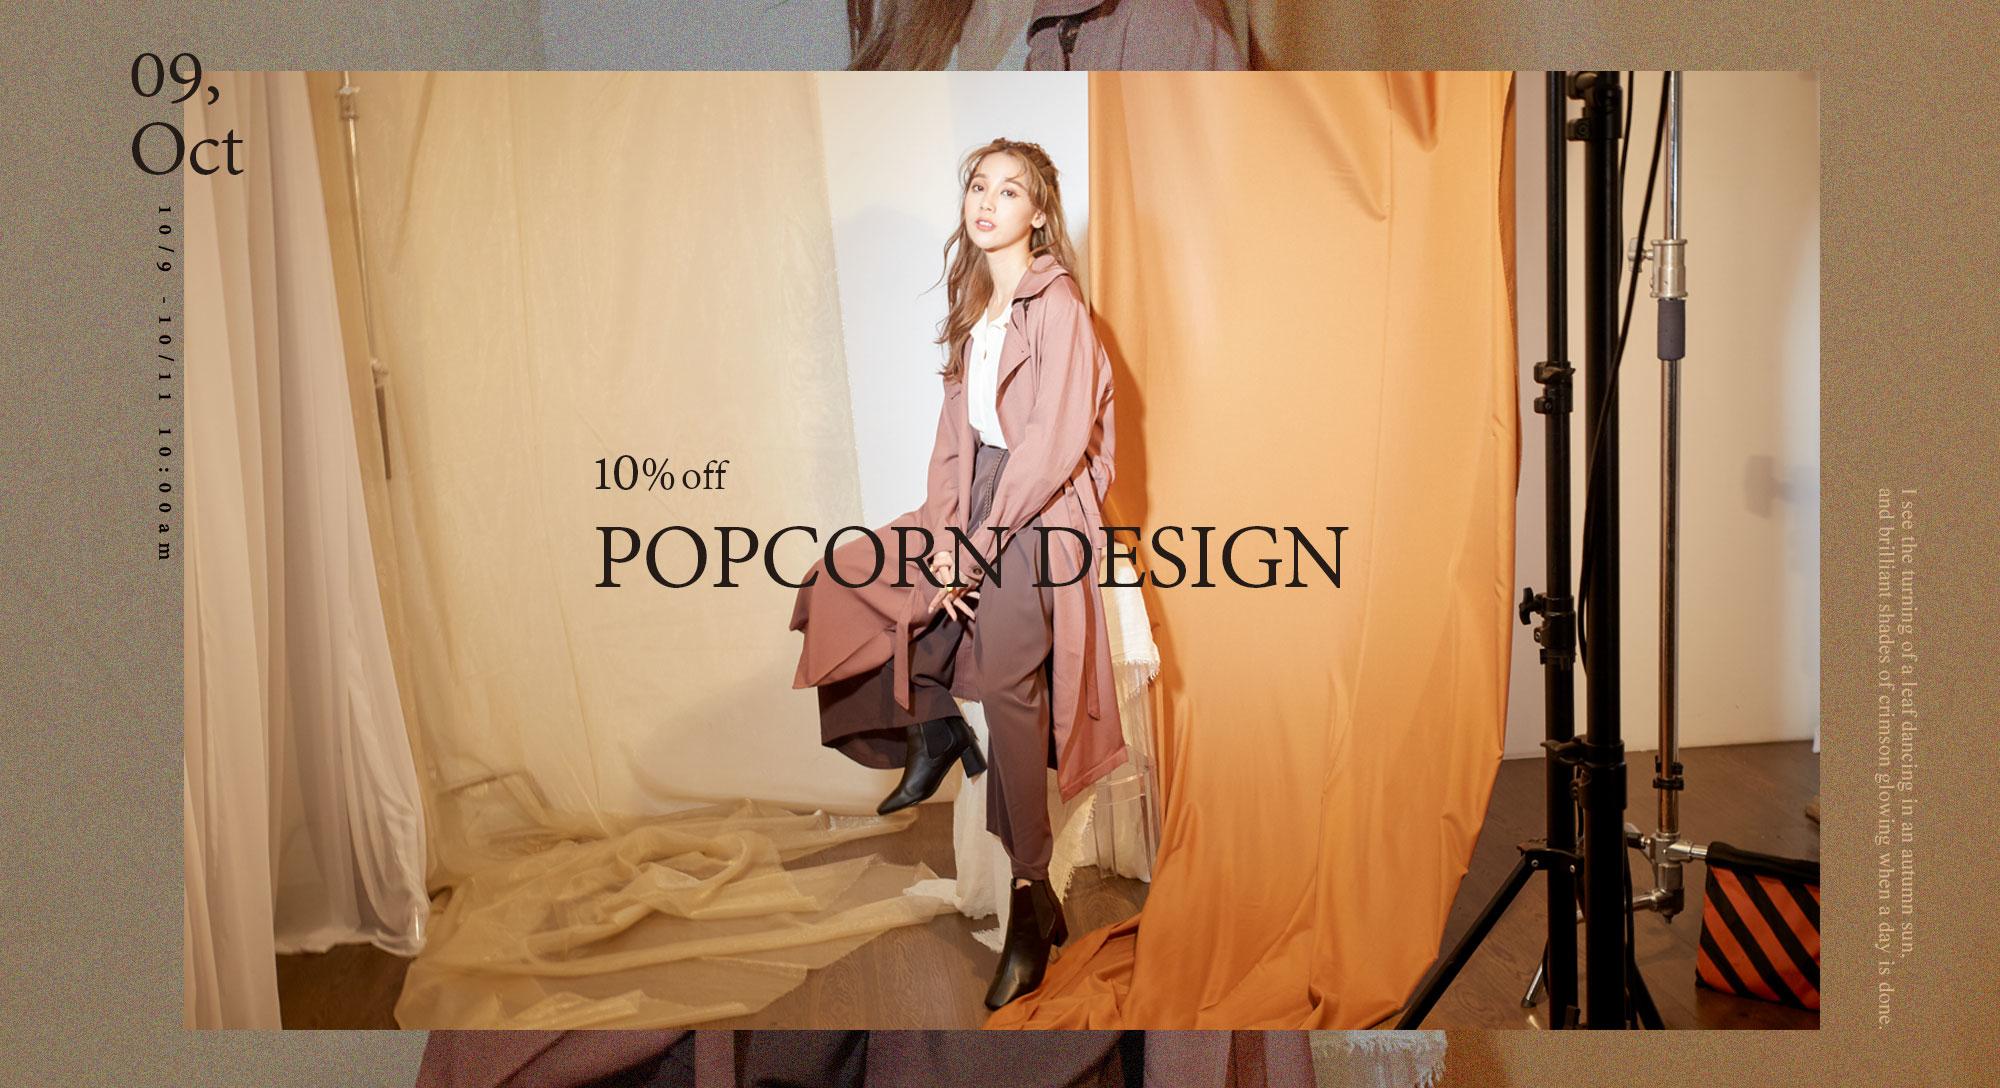 小資女,秋,穿搭,店員穿搭,POPCORN,爆米花服飾,風衣,大衣,秋季穿搭,設計款